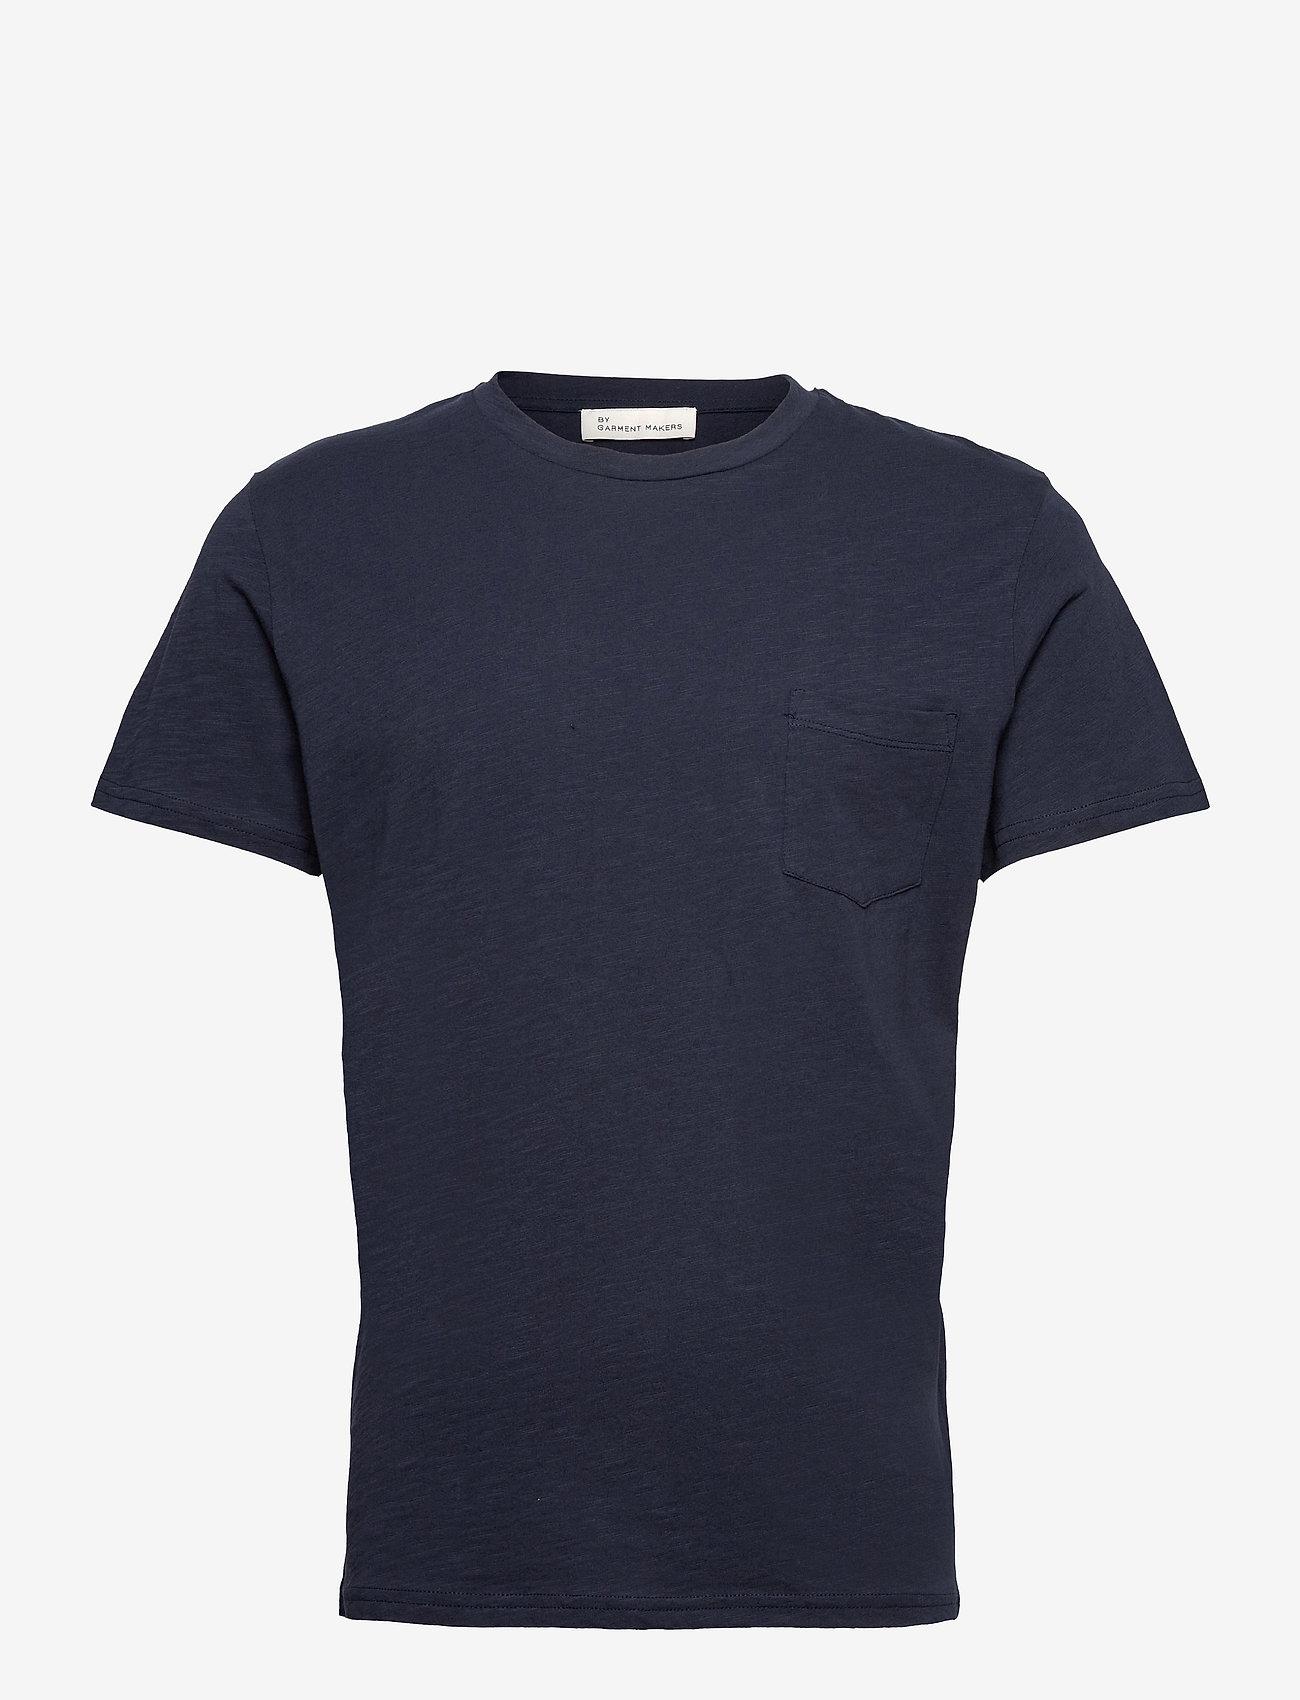 By Garment Makers - The Organic Tee w. pocket - podstawowe koszulki - navy blazer - 1